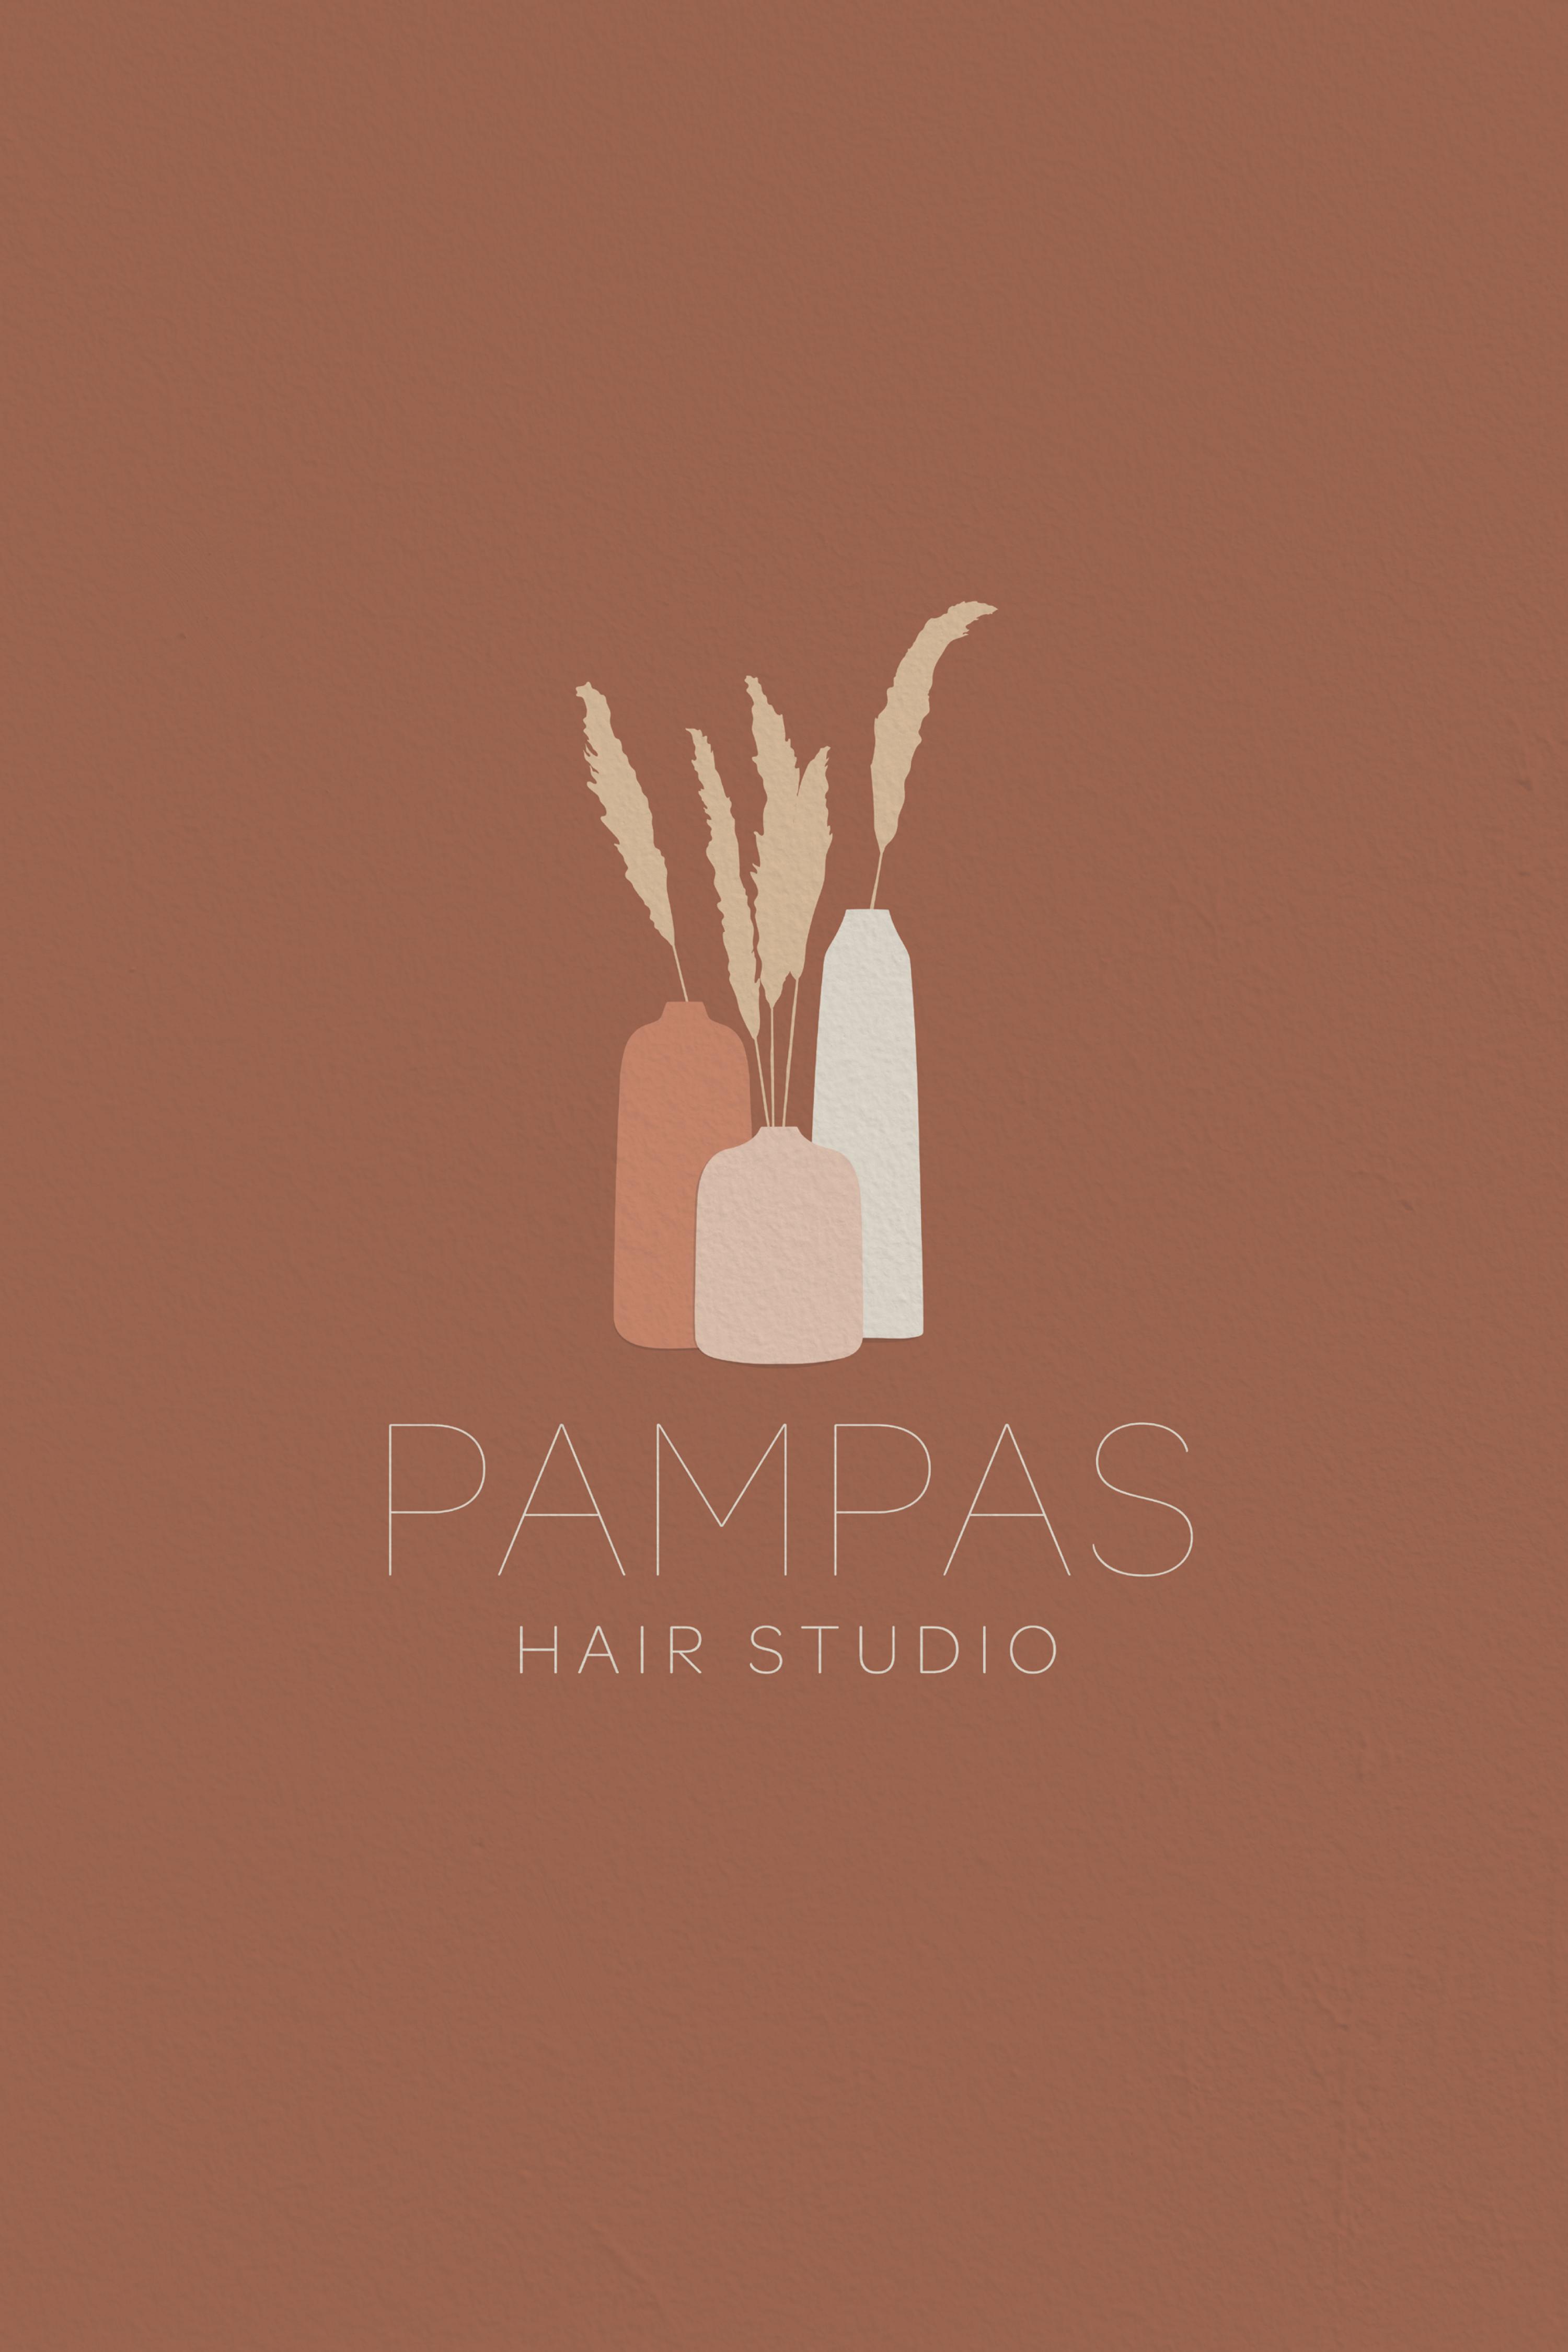 Pampas Hair Studio Logo Hair studio, Hair stylist logo